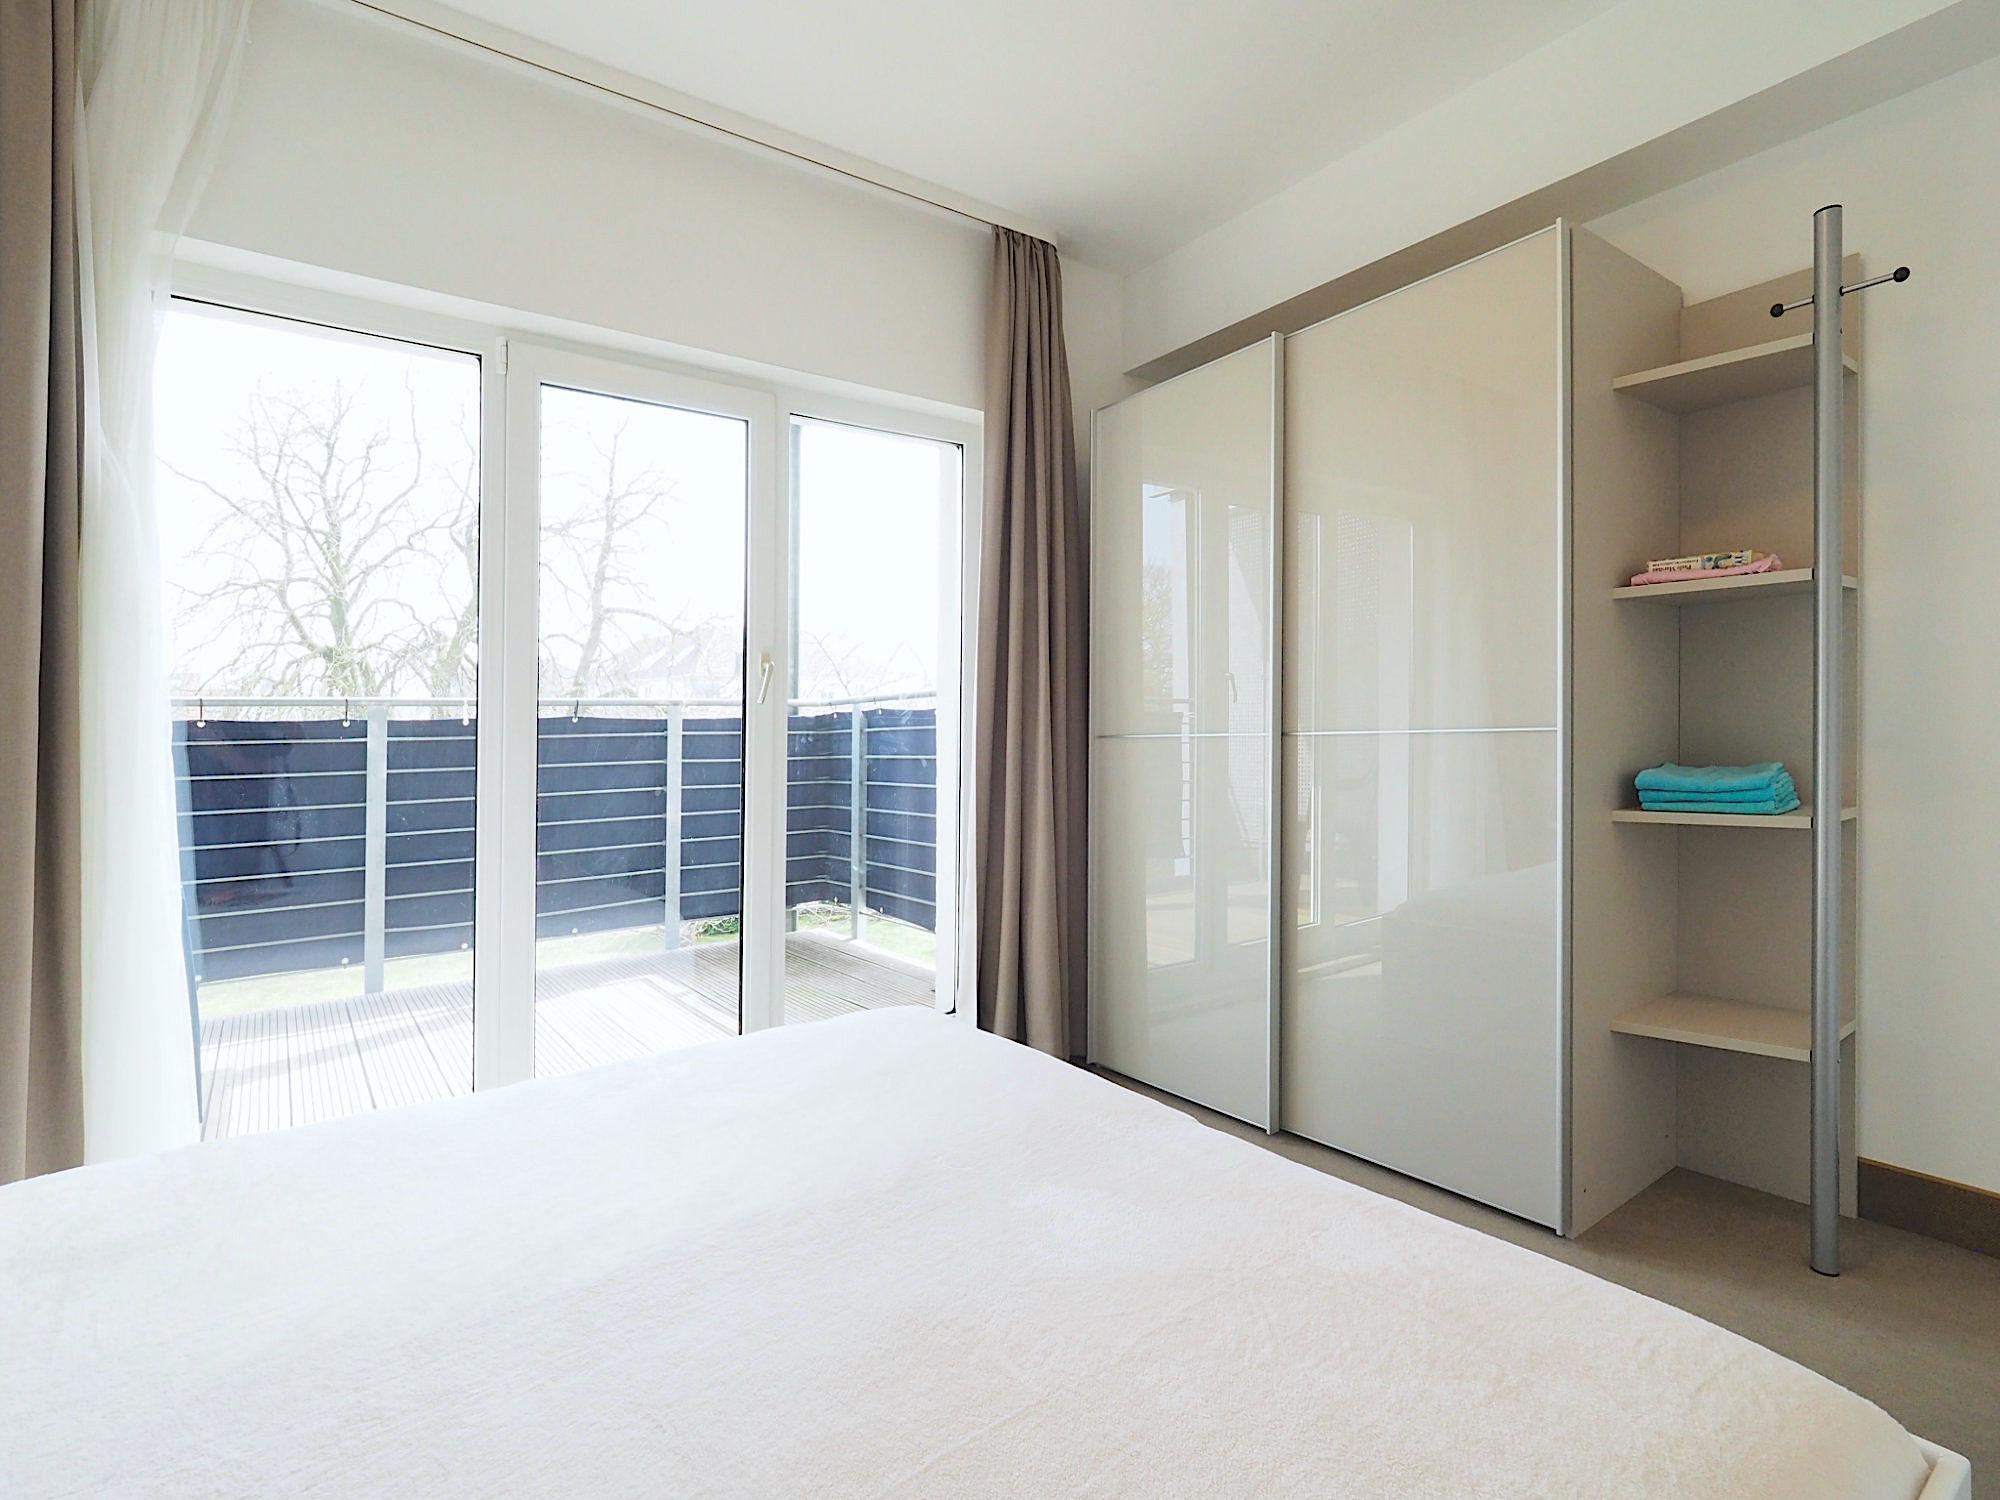 Zweites Schlafzimmer mit Doppelbett, rechts davon ein großer Kleiderschrank mit Regalteil, im Hintergrund bodentiefe Fenster